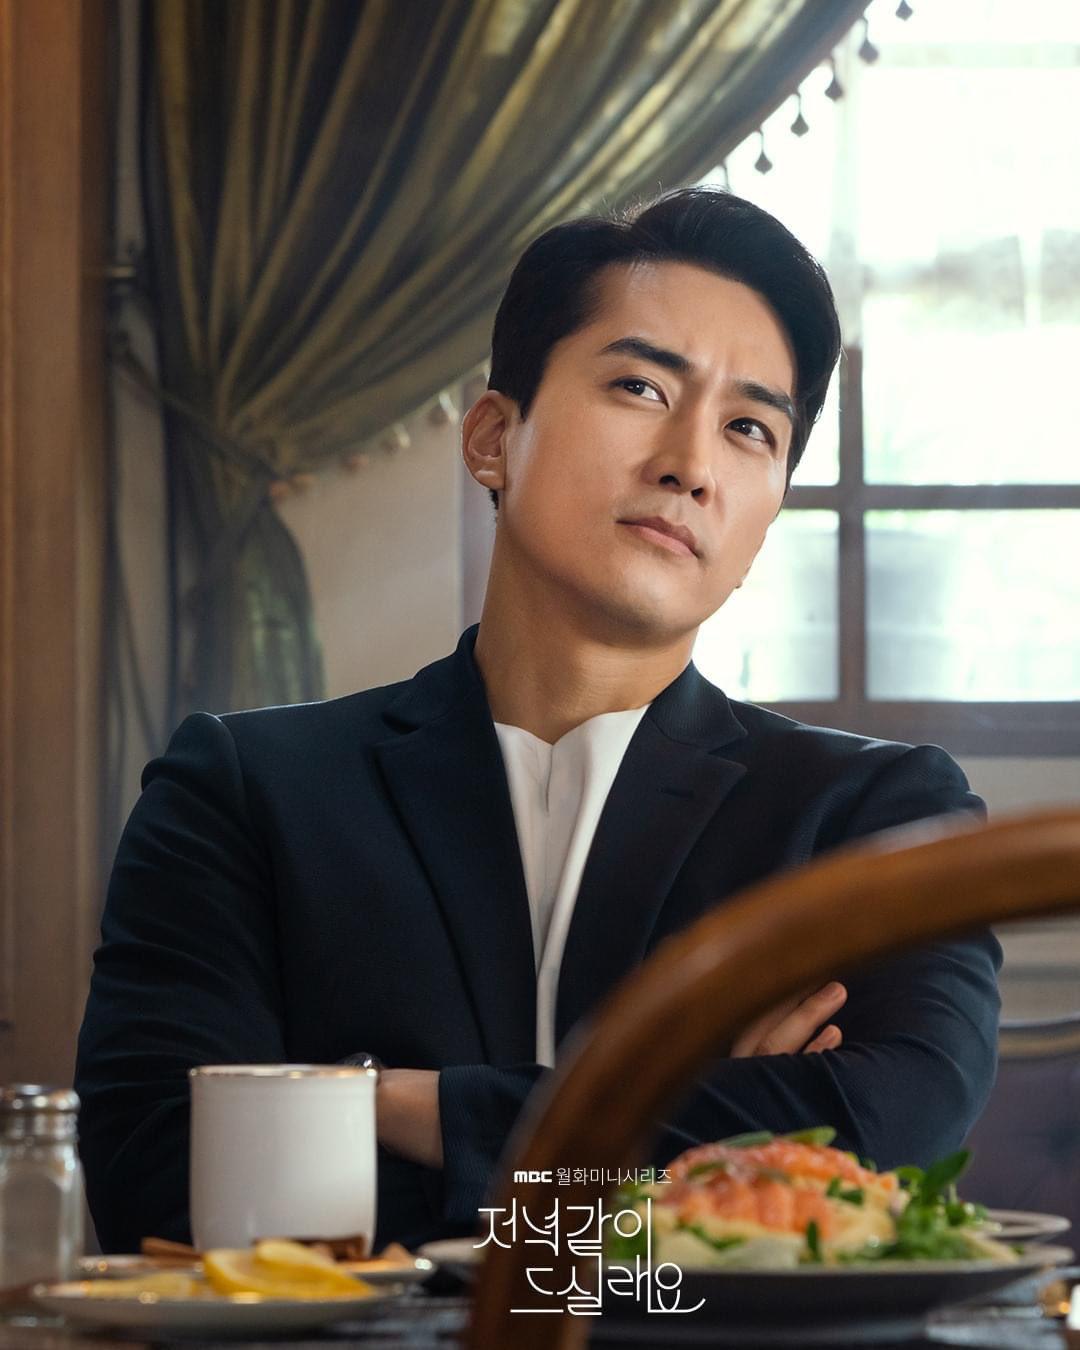 Chị đại Triều Tiên Seo Ji Hye hóa dân hổ báo, đè đầu cưỡi cổ thánh lừa đảo ở phim mới  Shall We Eat Dinner Together - Ảnh 4.